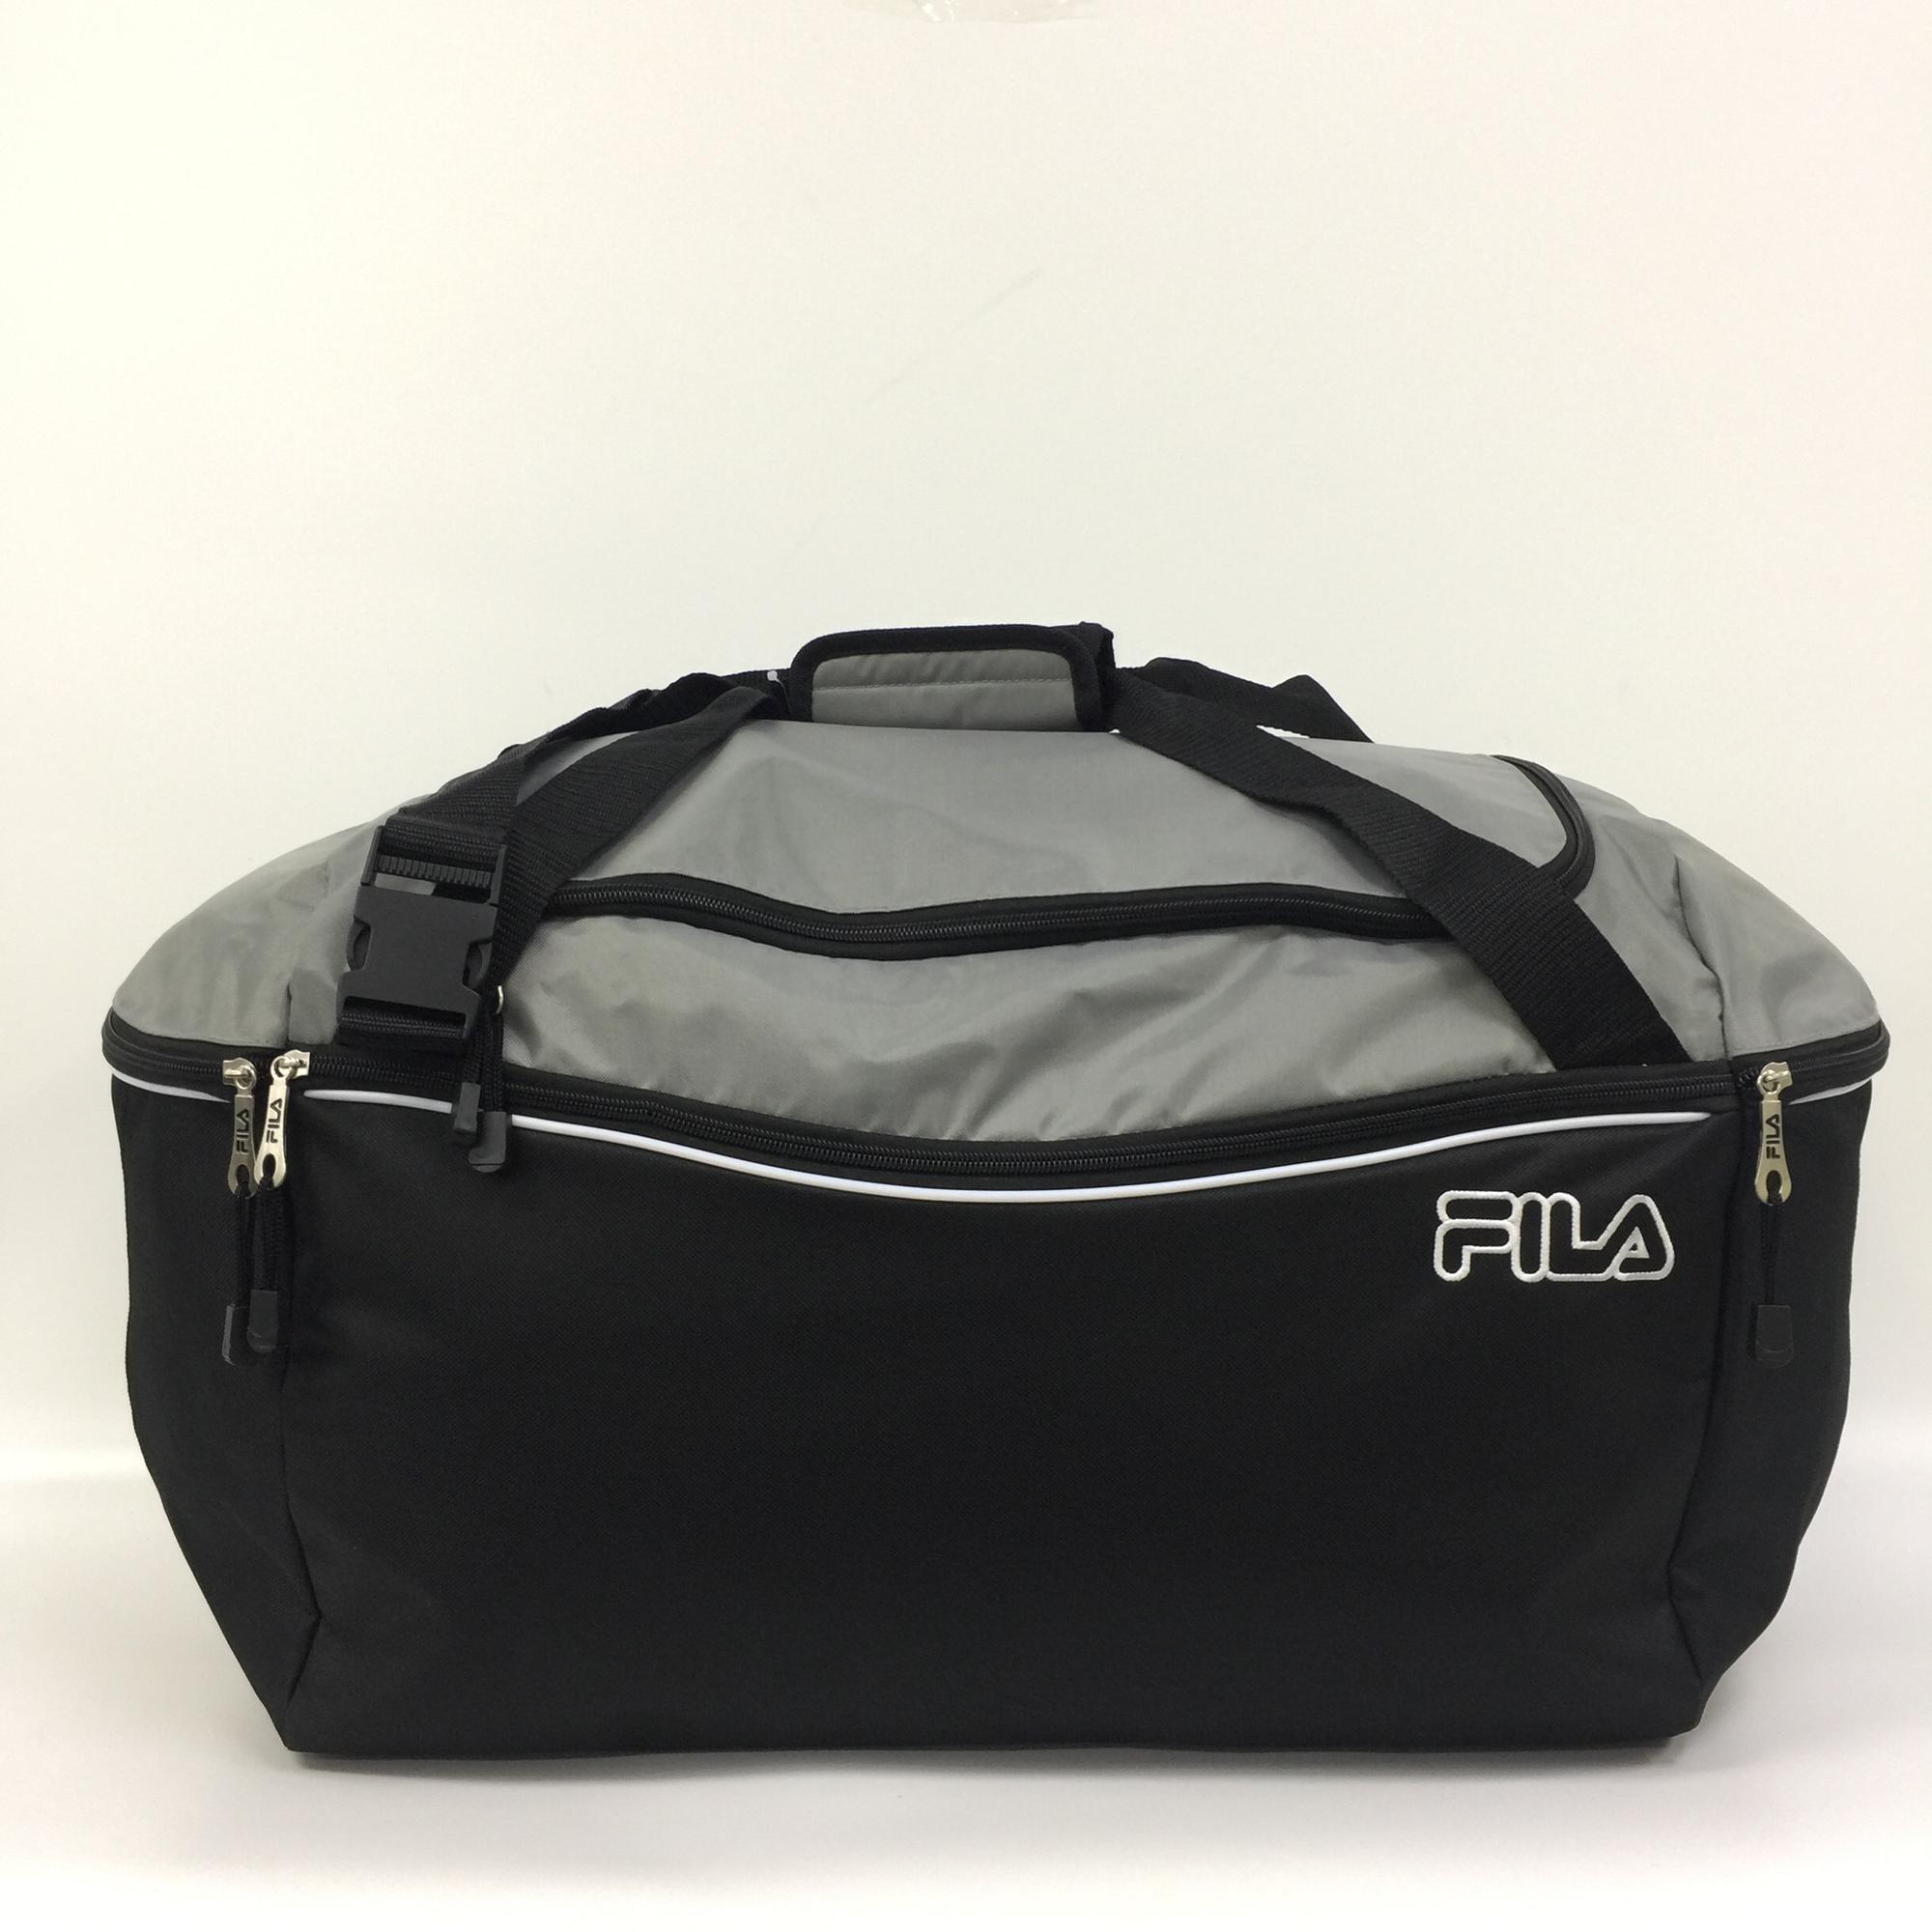 Fila Large Travel Bag 072ca052f8480